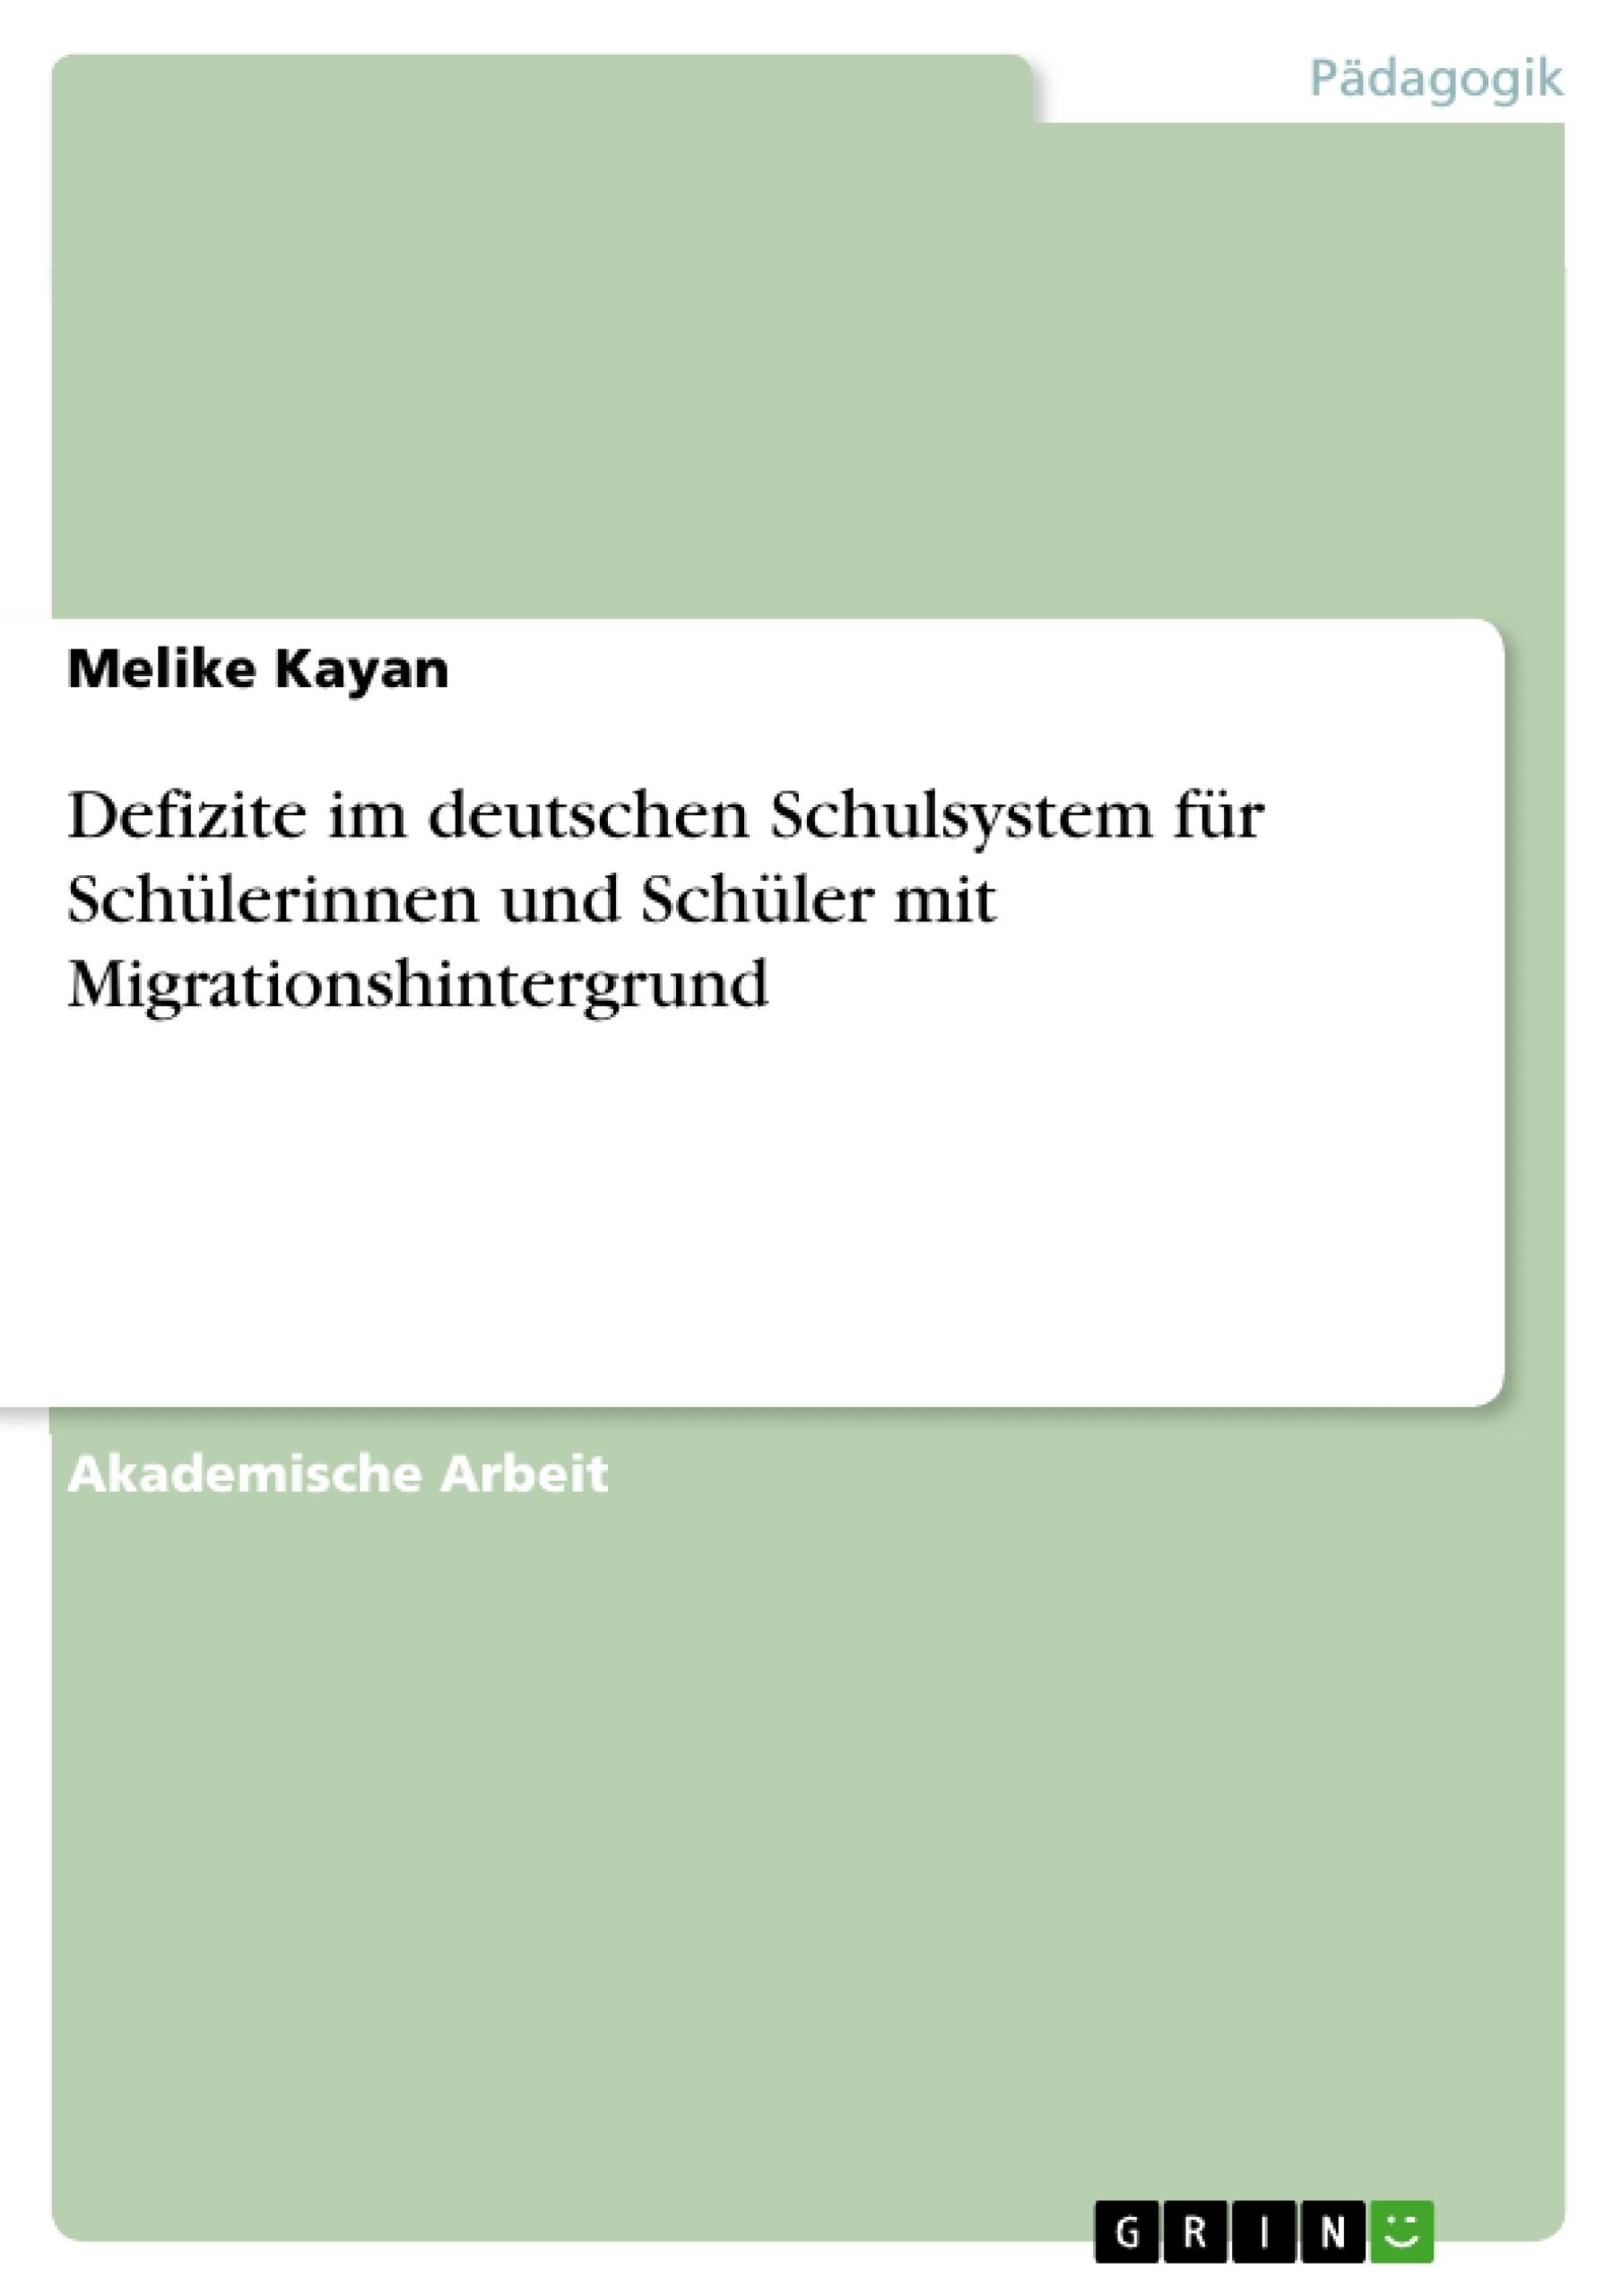 Titel: Defizite im deutschen Schulsystem für Schülerinnen und Schüler mit Migrationshintergrund